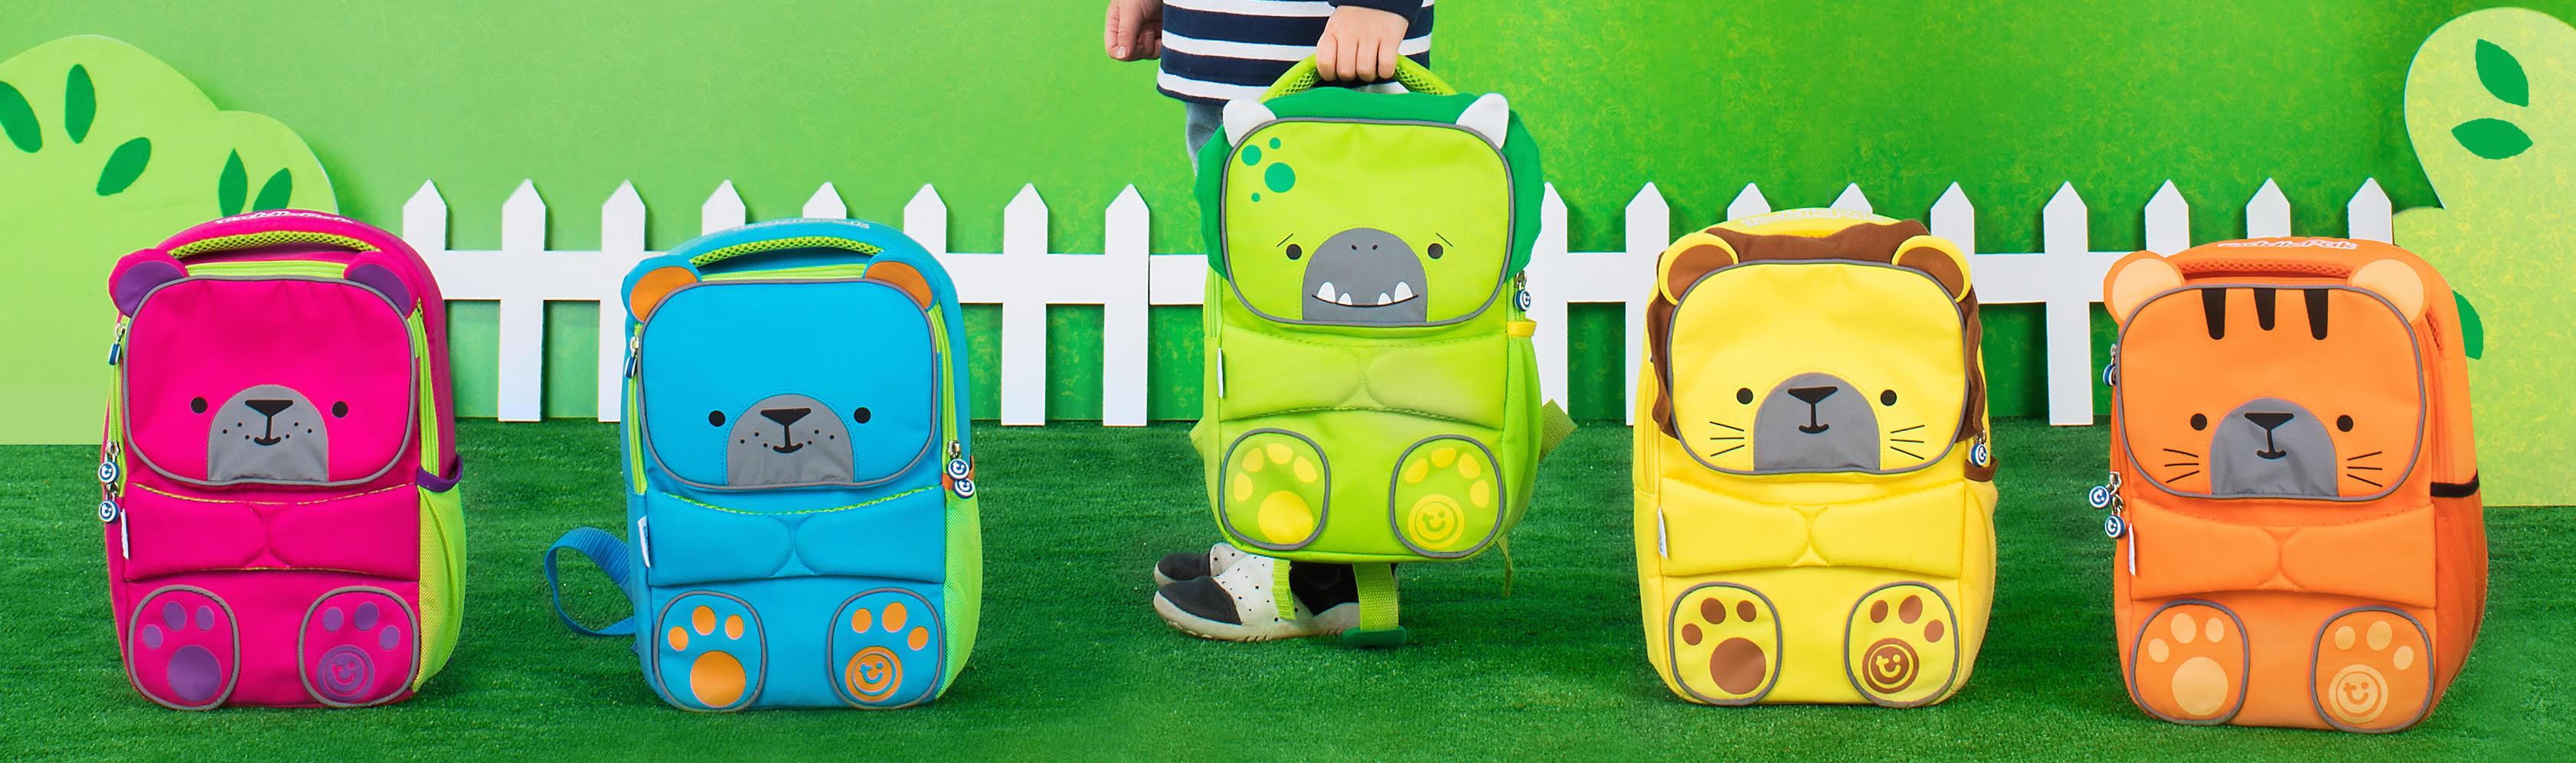 e242d5537d Trunki ToddlePak Backpack